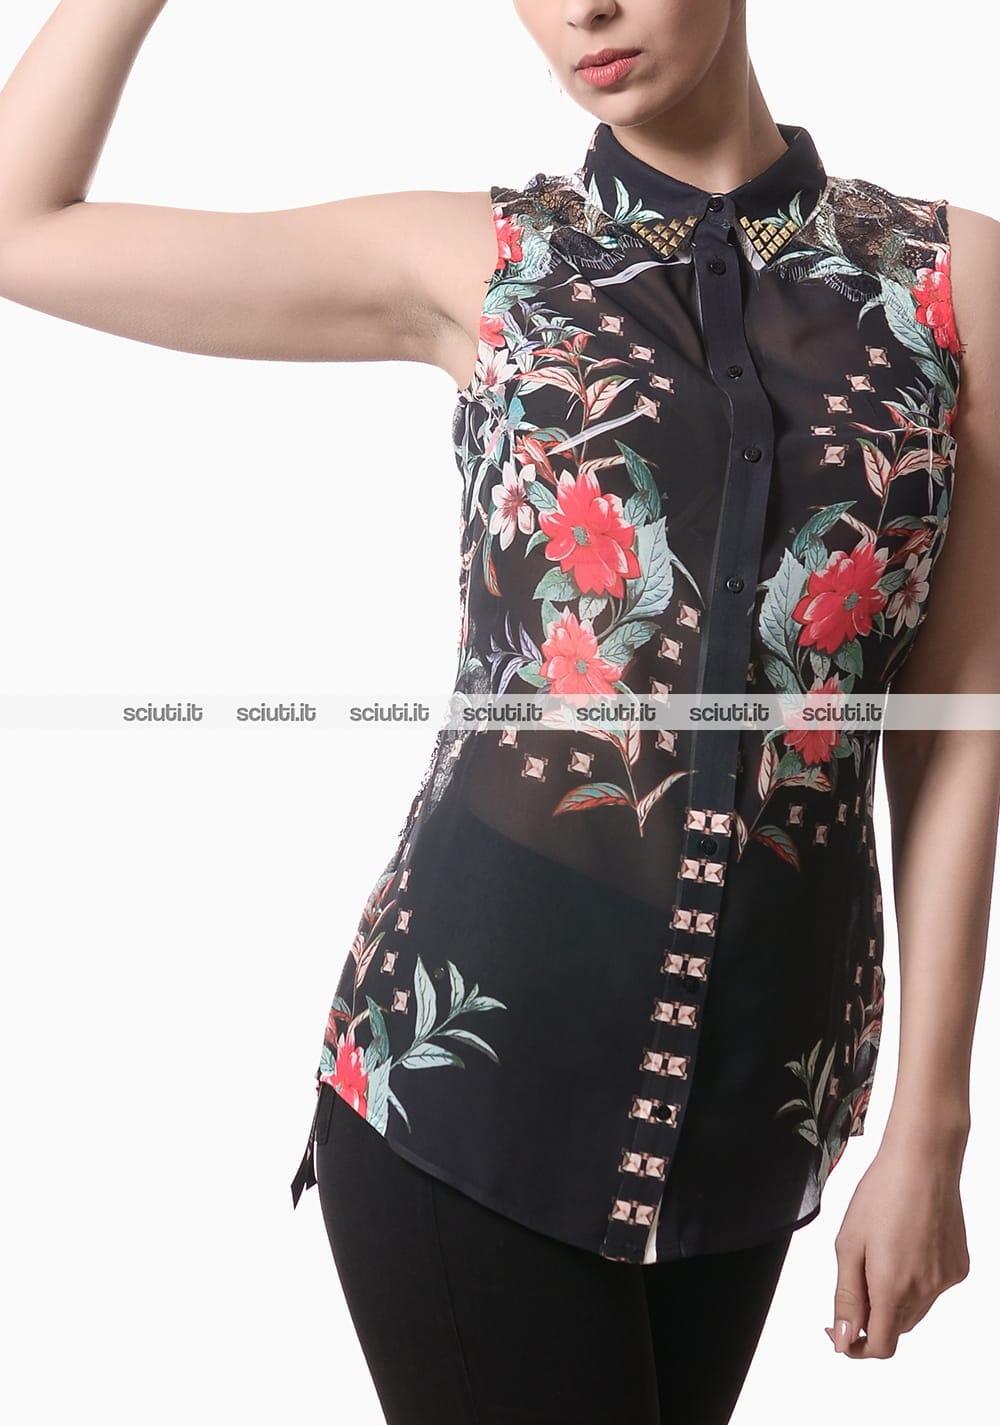 outlet store ef853 90382 Camicia Guess donna smanicata con fiori e borchiette nero ...